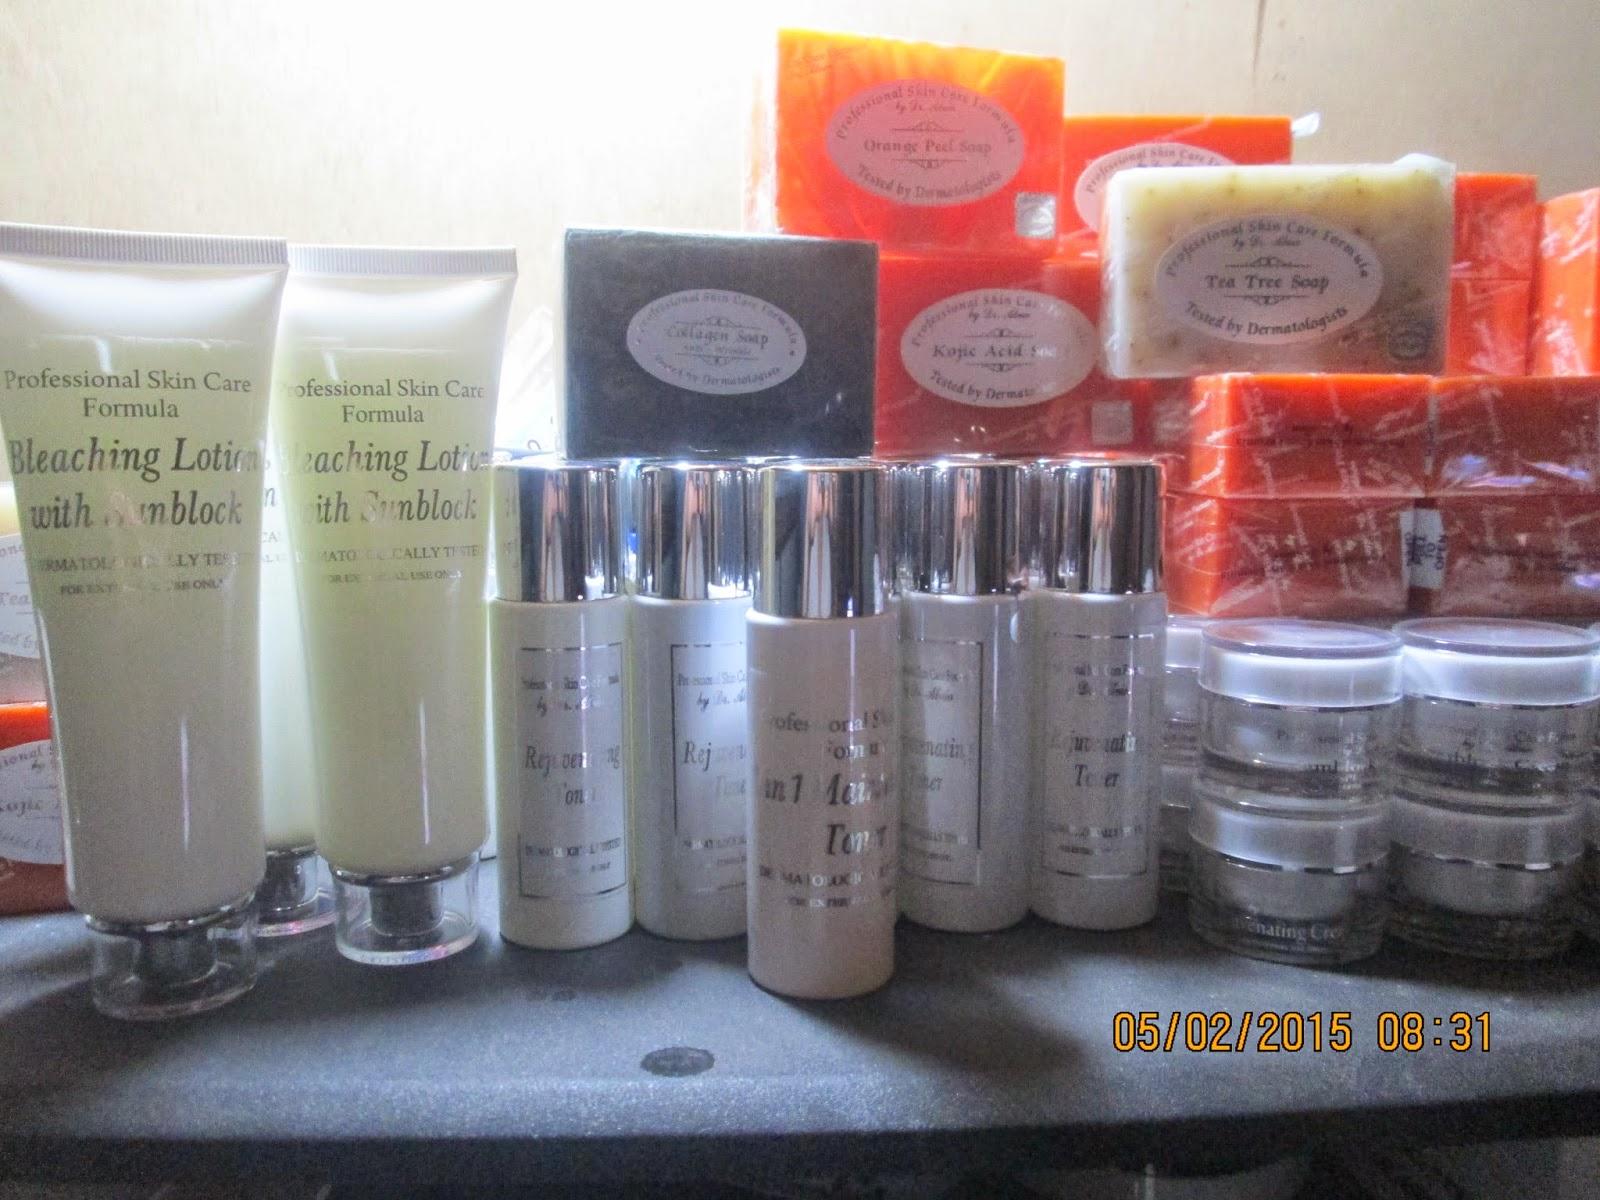 Professional Skin Care Formula Logo Professional Skin Care Formula